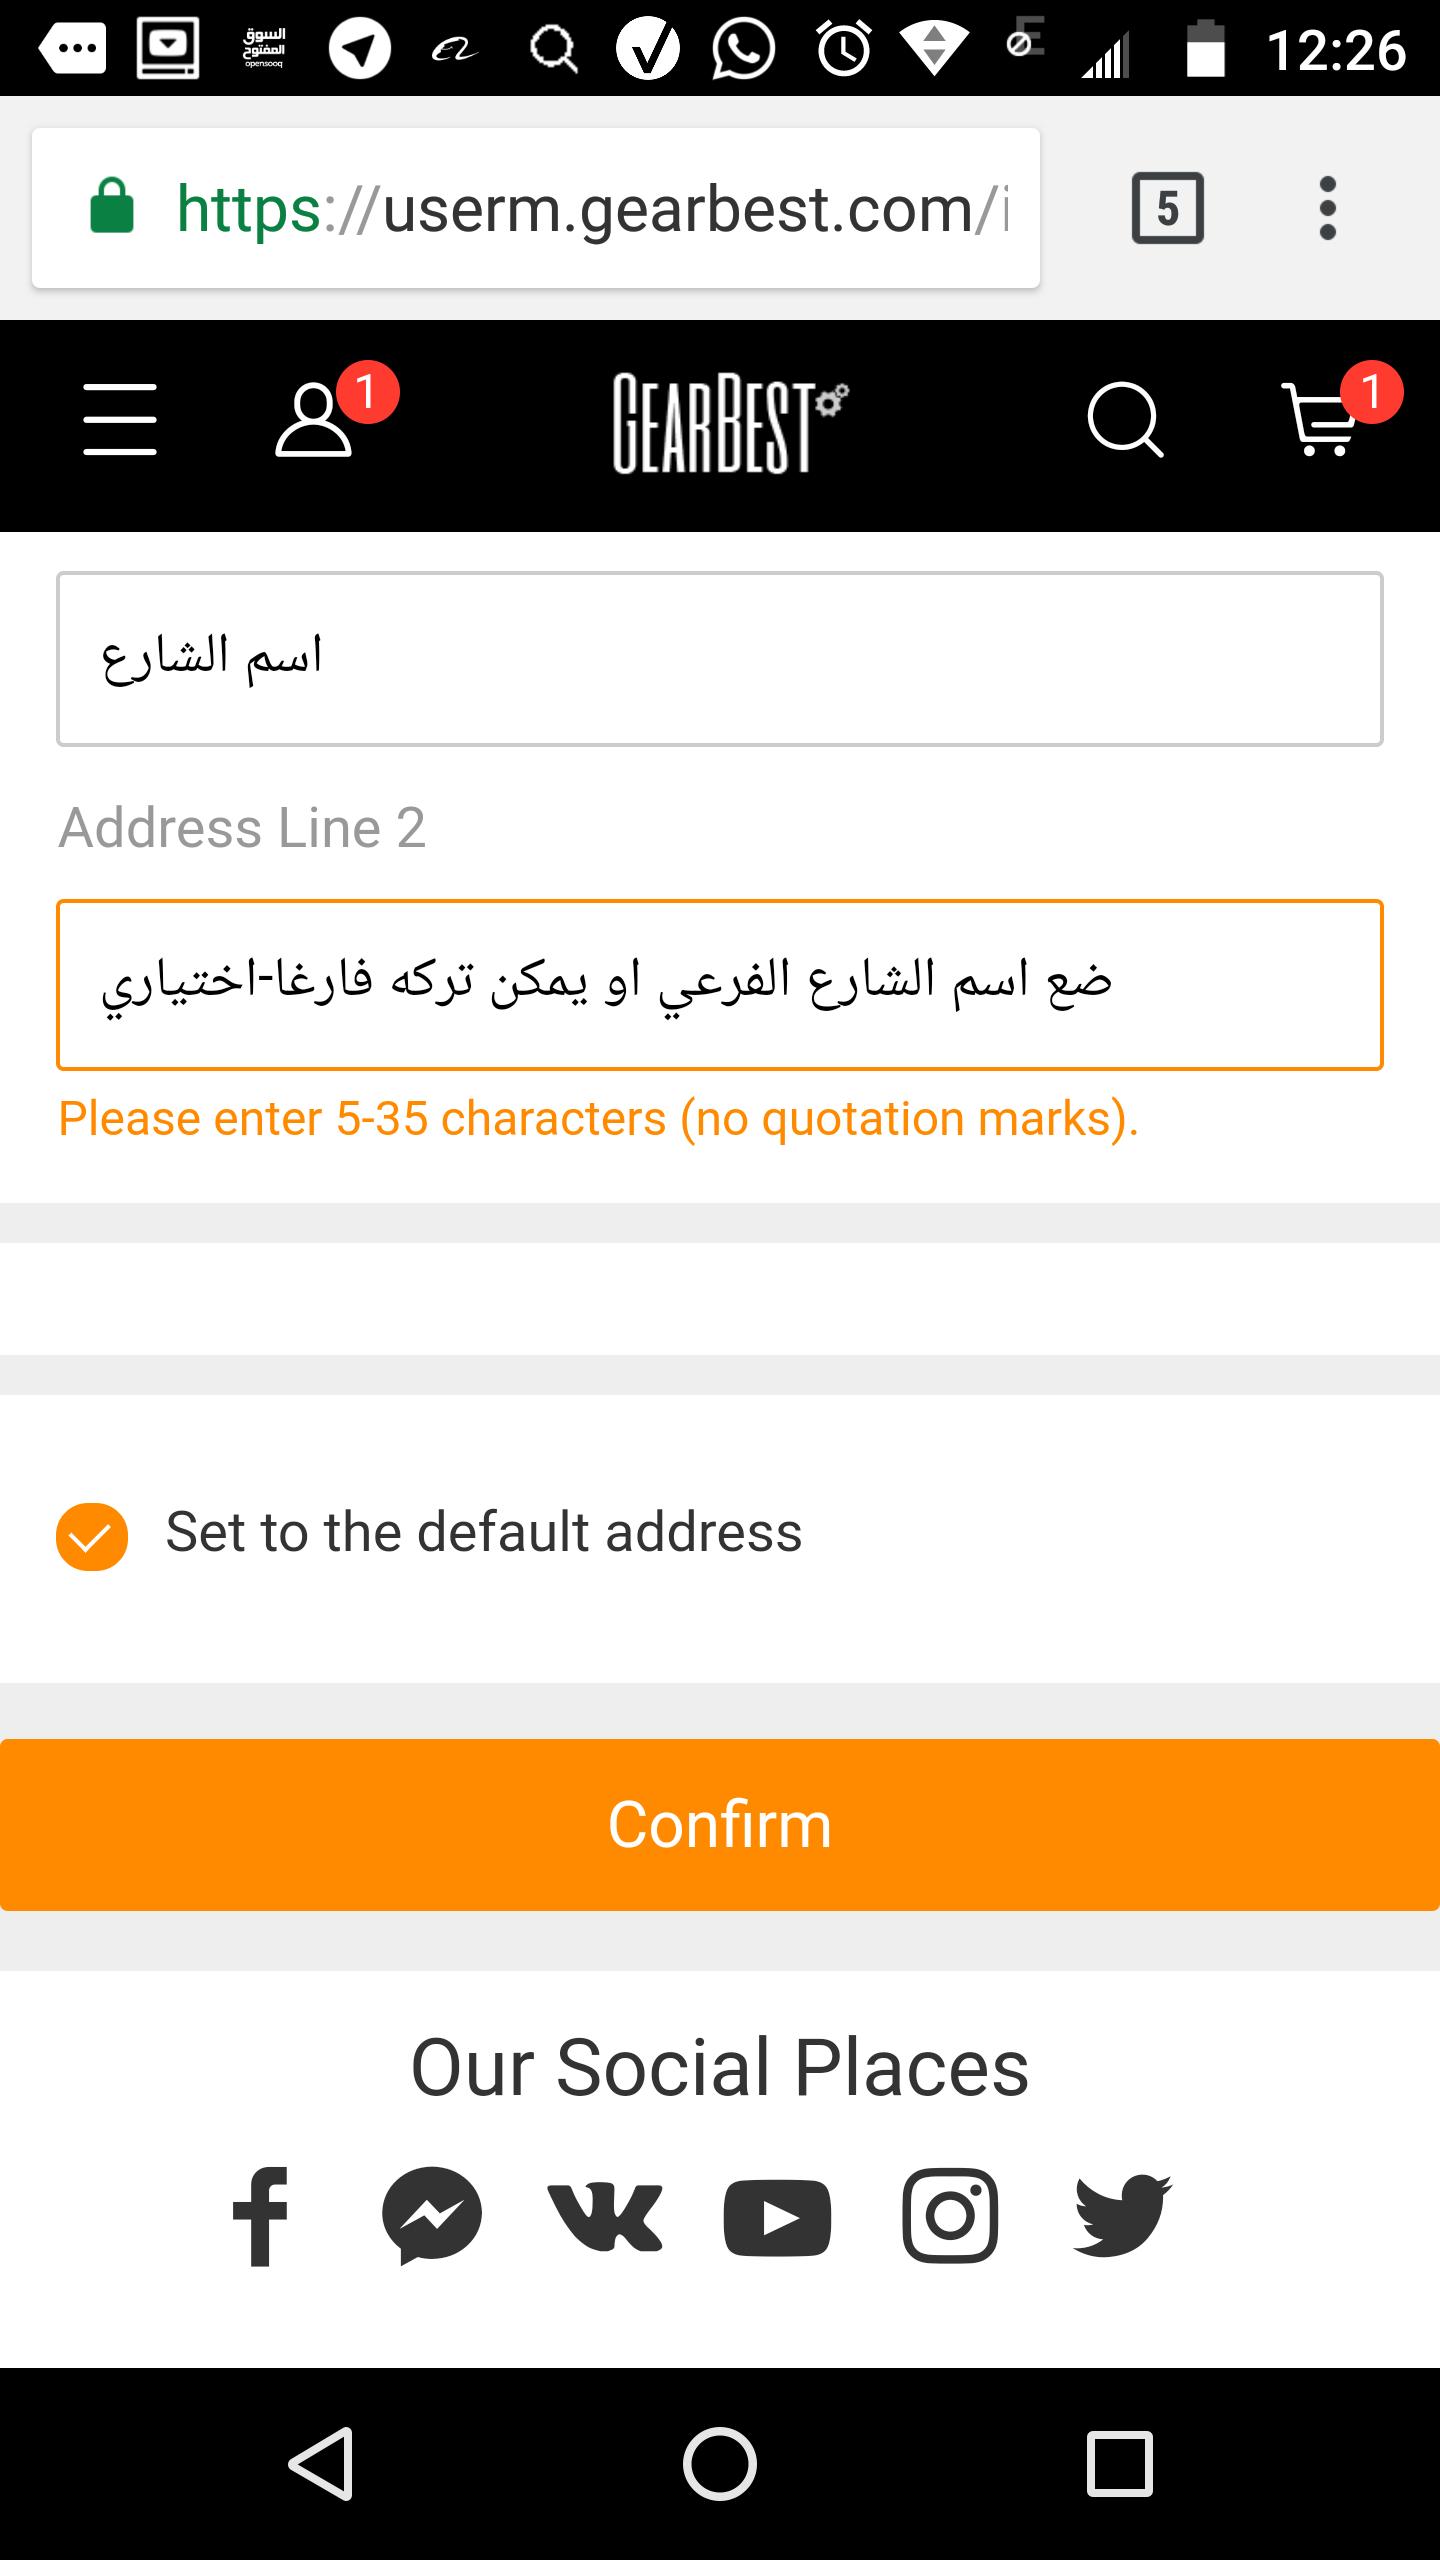 سعر المكنسة الروبوت في السعودية